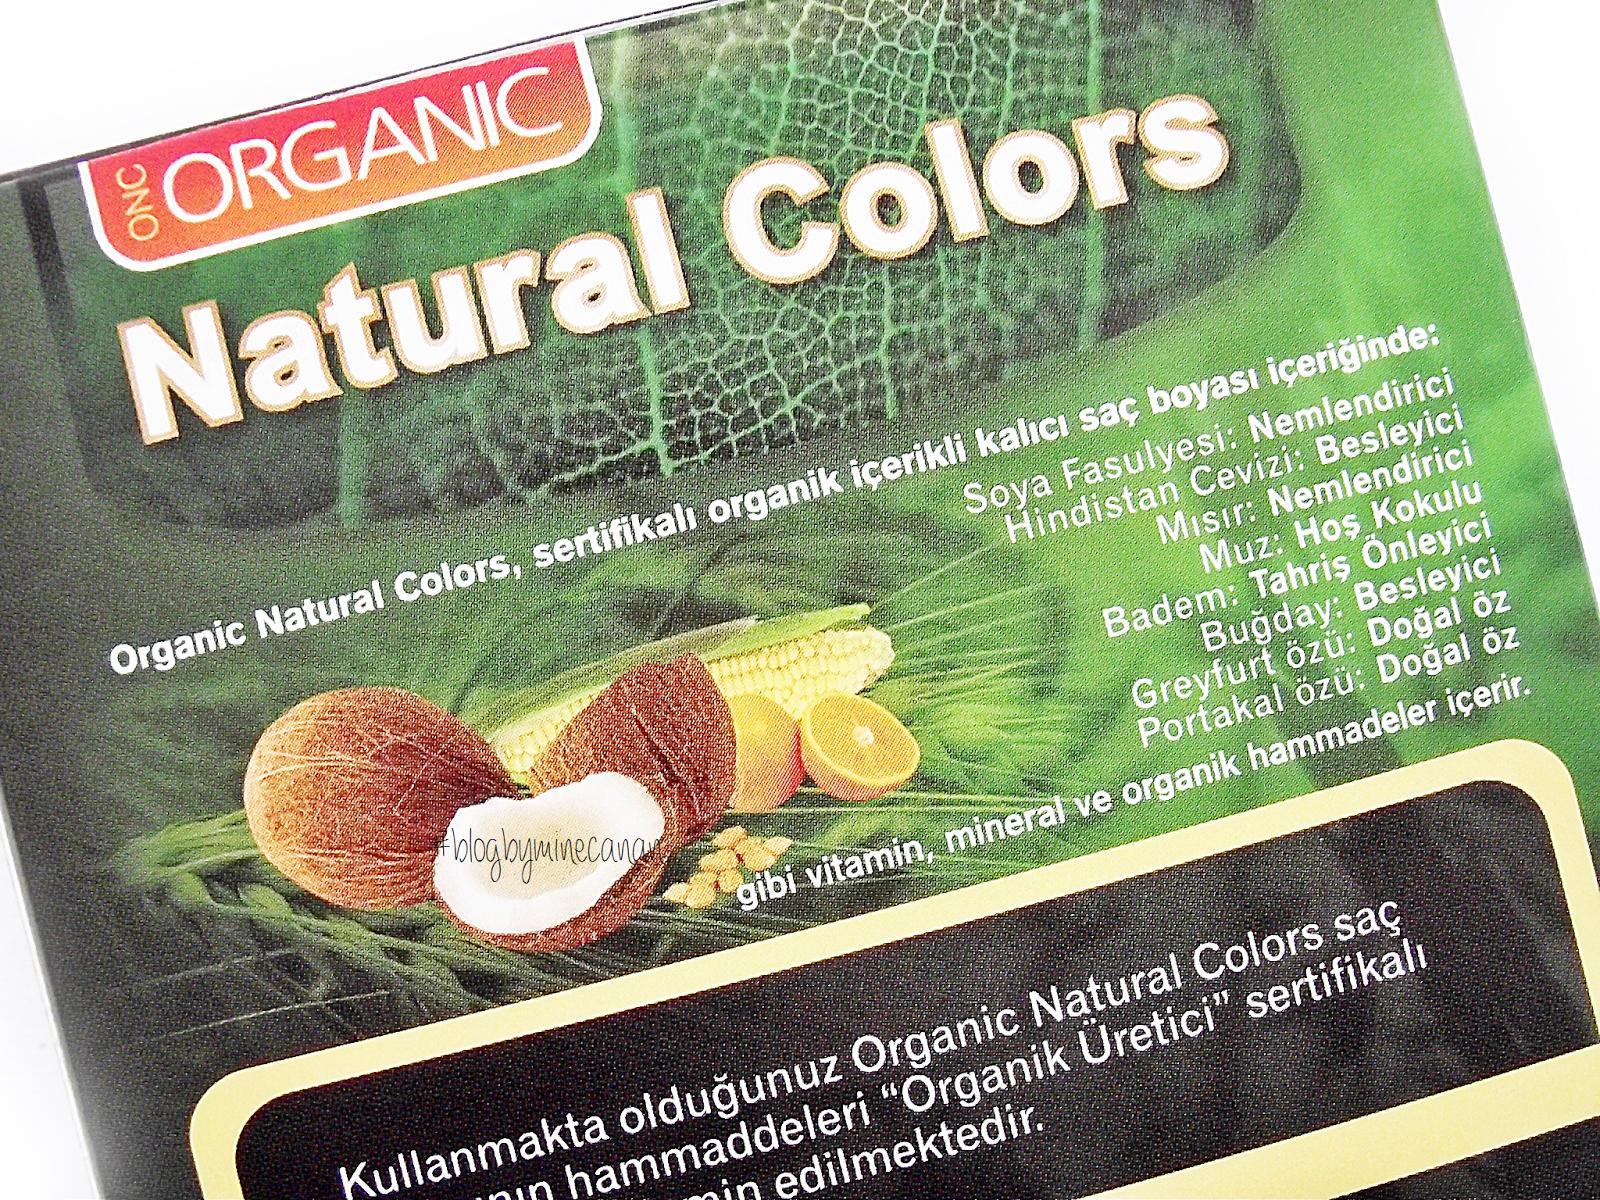 Goldwell Düzleştirici Sprey, Şampuan ve Natural Colors Organik Saç Boyası | Blog by Mine Canan